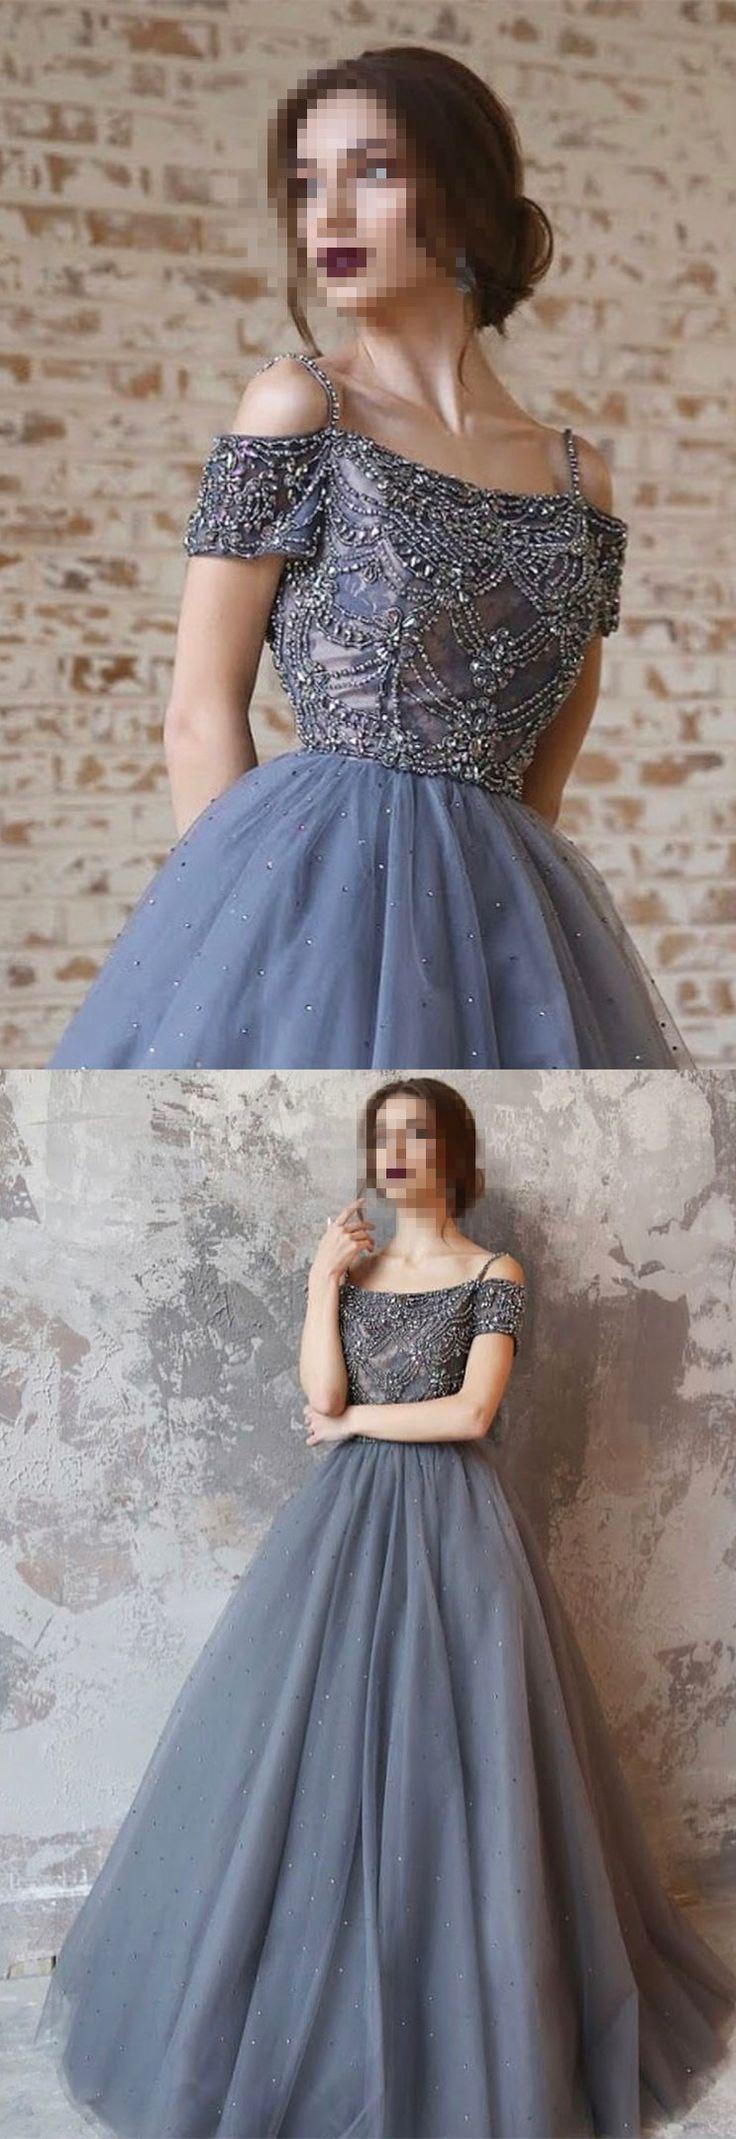 2018 Prom Dress, Long Prom Dress, Grey Prom Dress, Formal Evening Dress, Graduation Dress